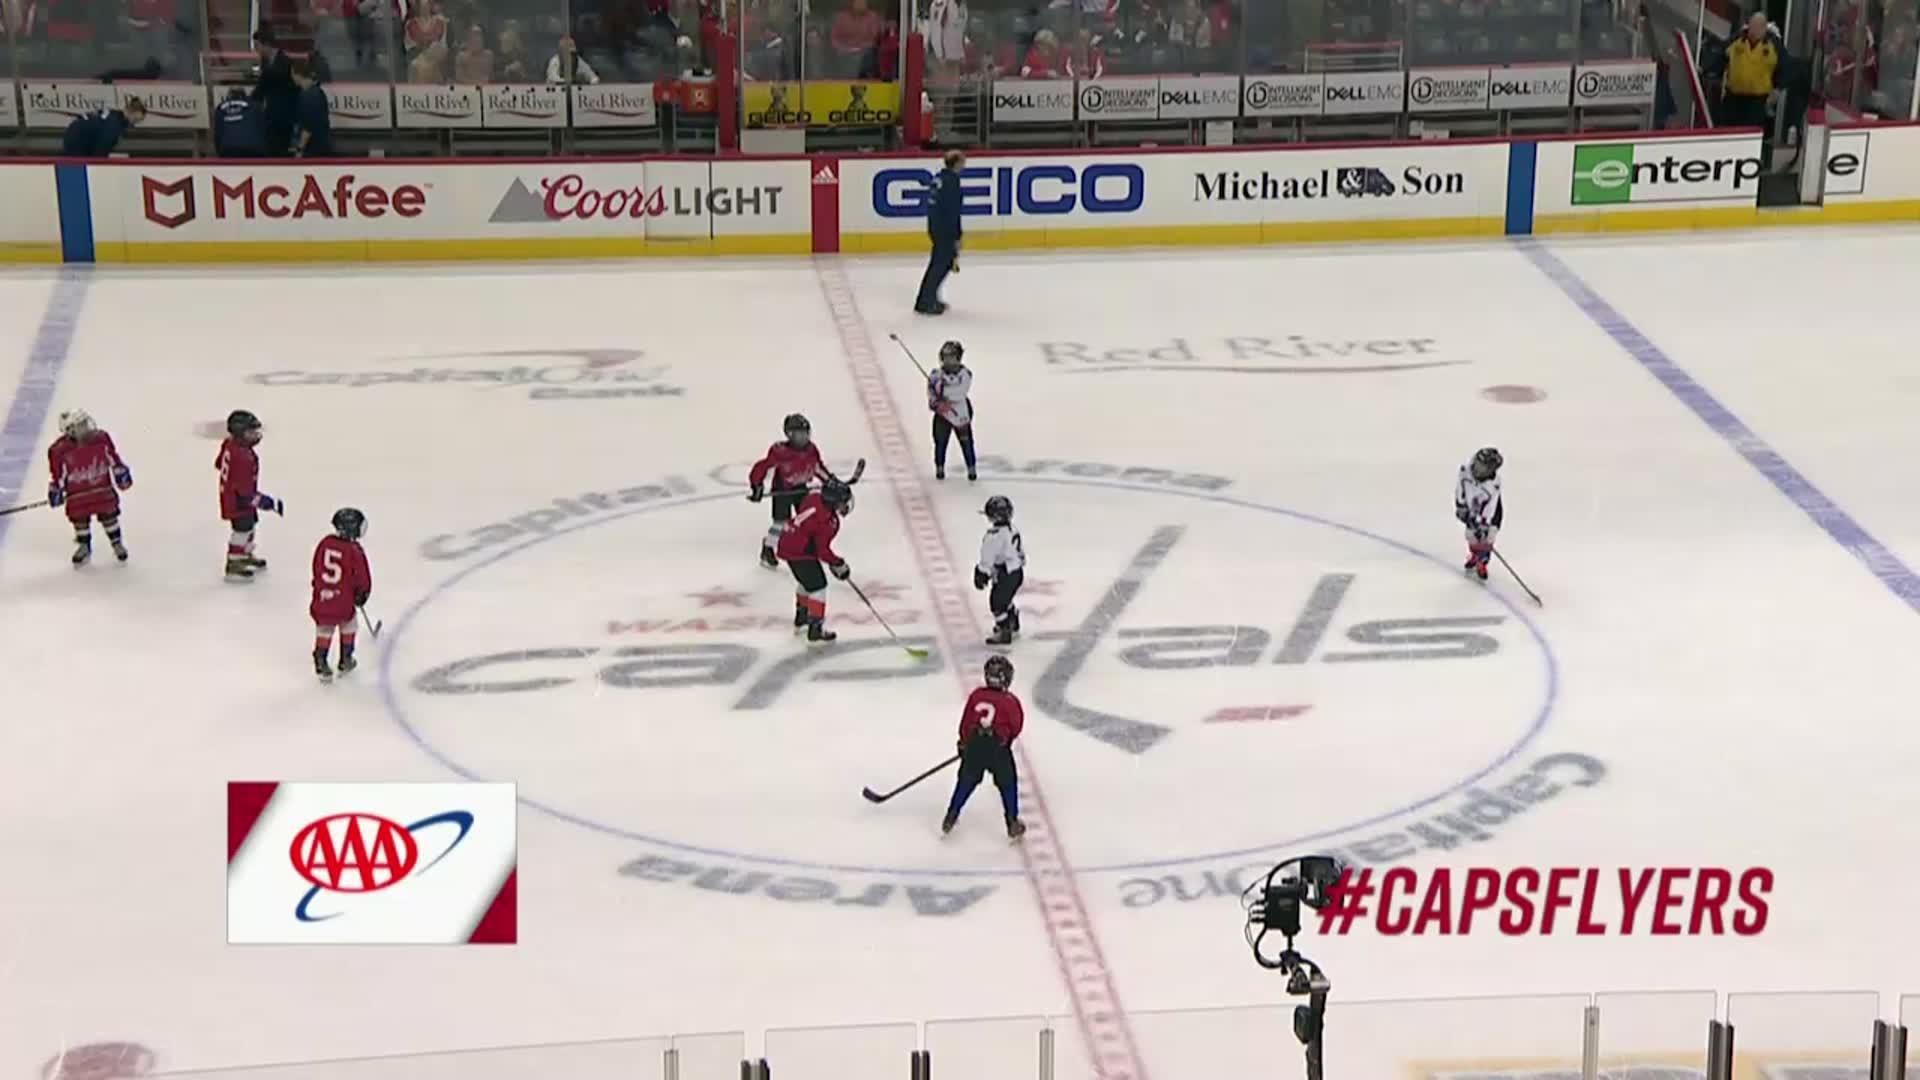 #CapsFlyers Mites on Ice 1/31/18